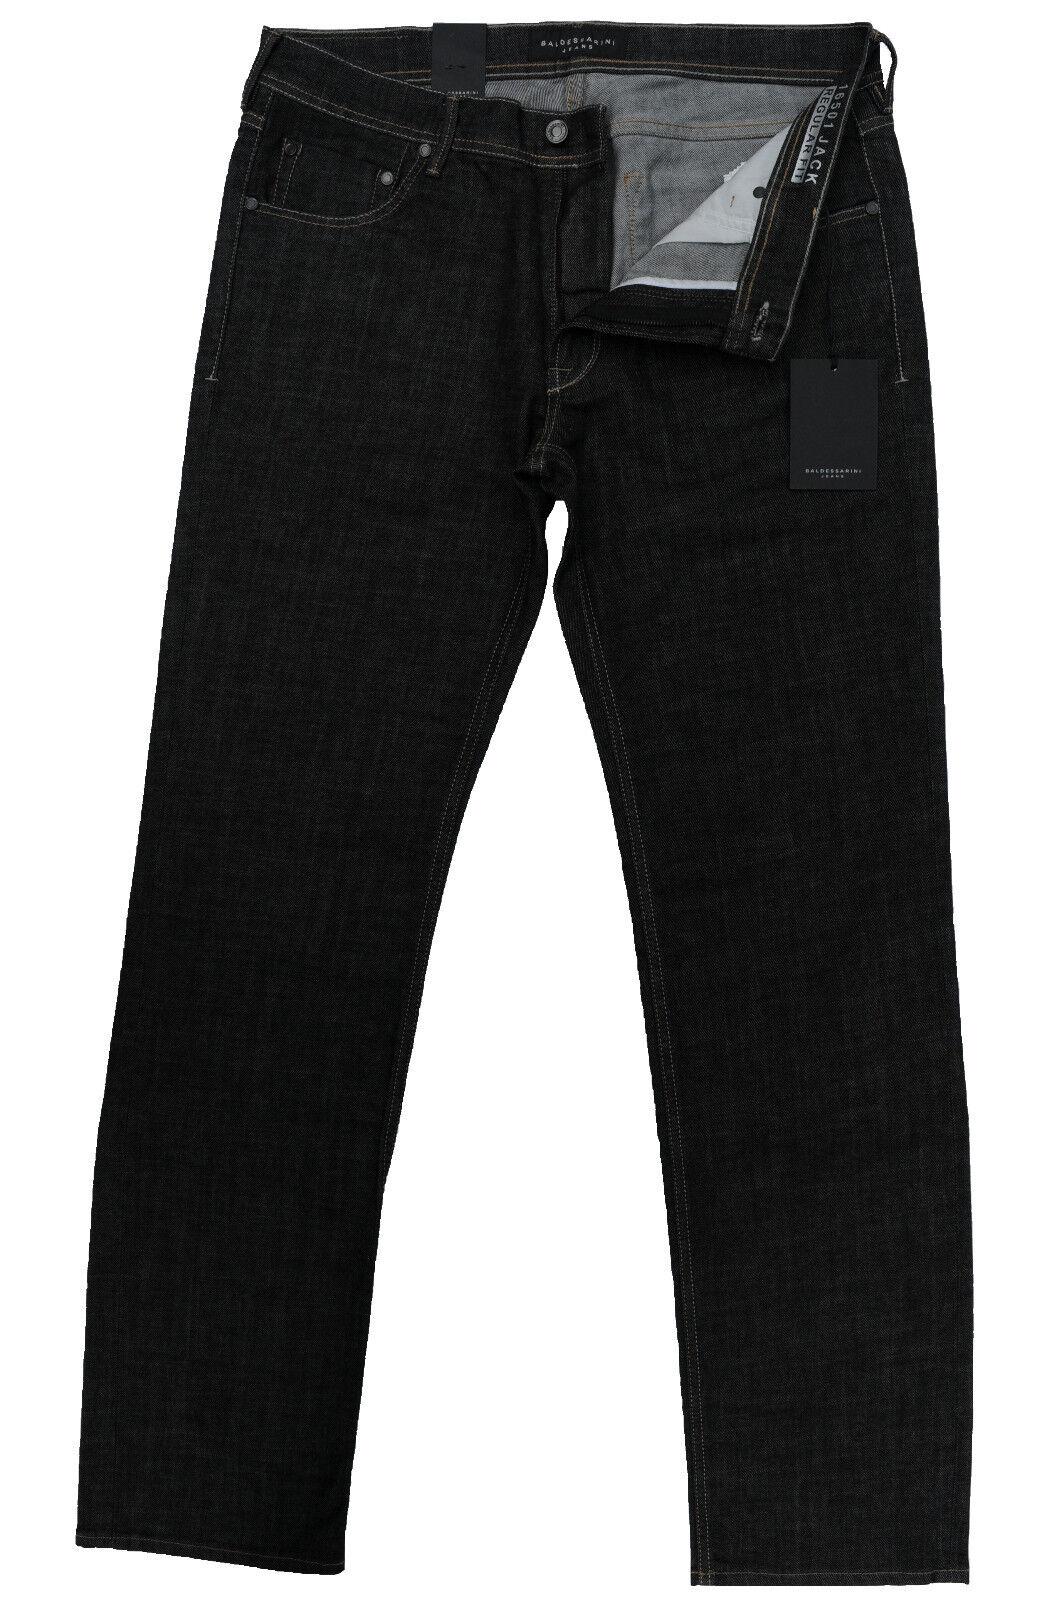 651d3119b8d896 Nuovi JEANS Baldessarini Jack 38 36 Nero Pantaloni Pantaloni Pantaloni  Regular Fit 6a9b3c